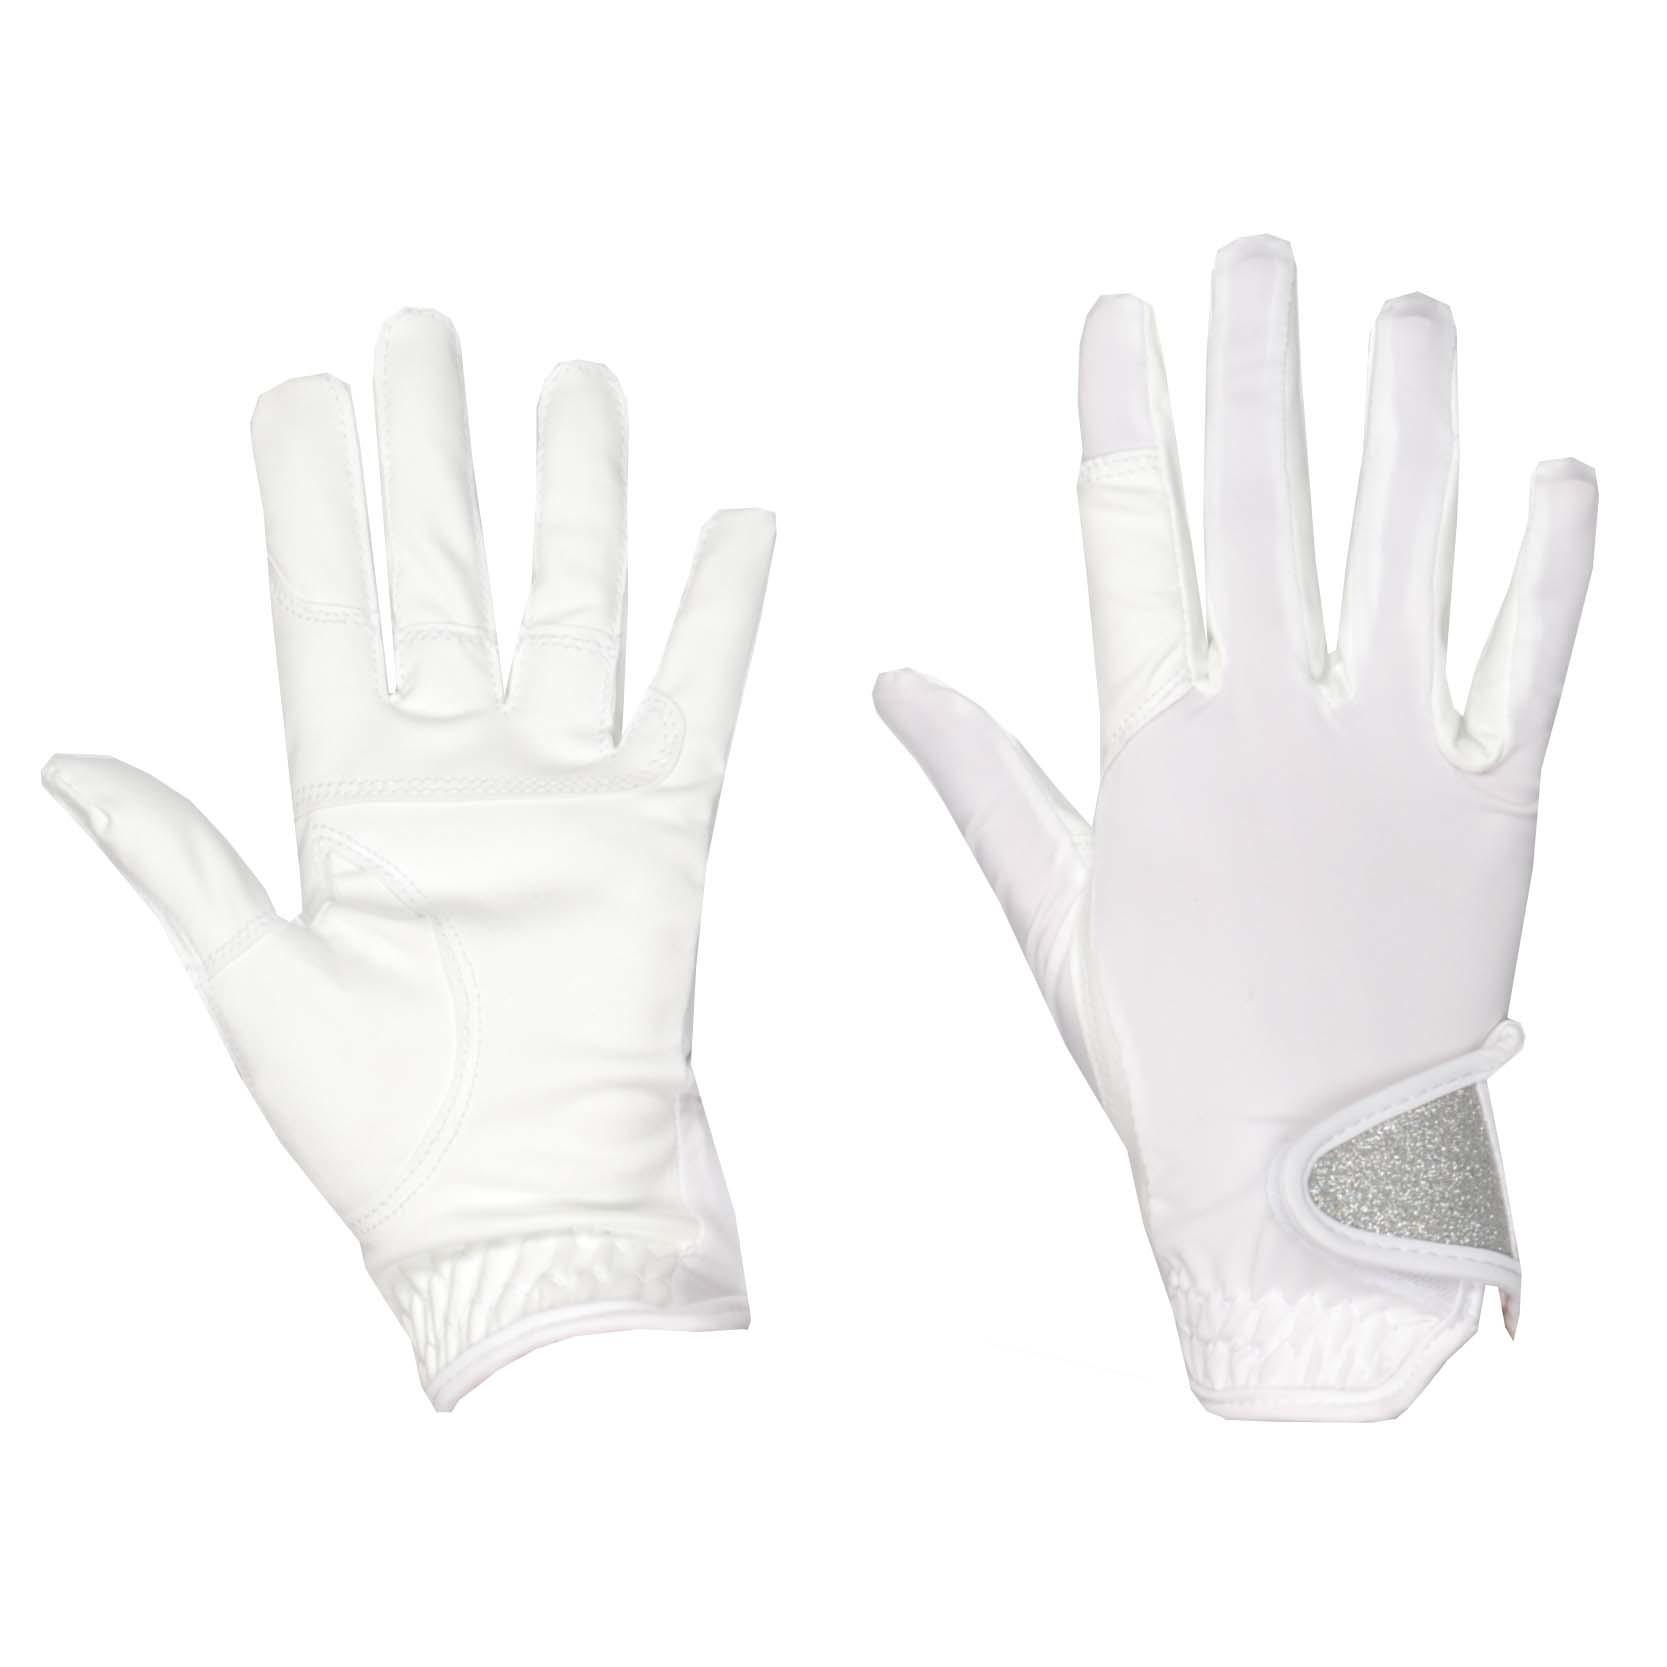 Mondoni Medellin handschoenen wit maat:m